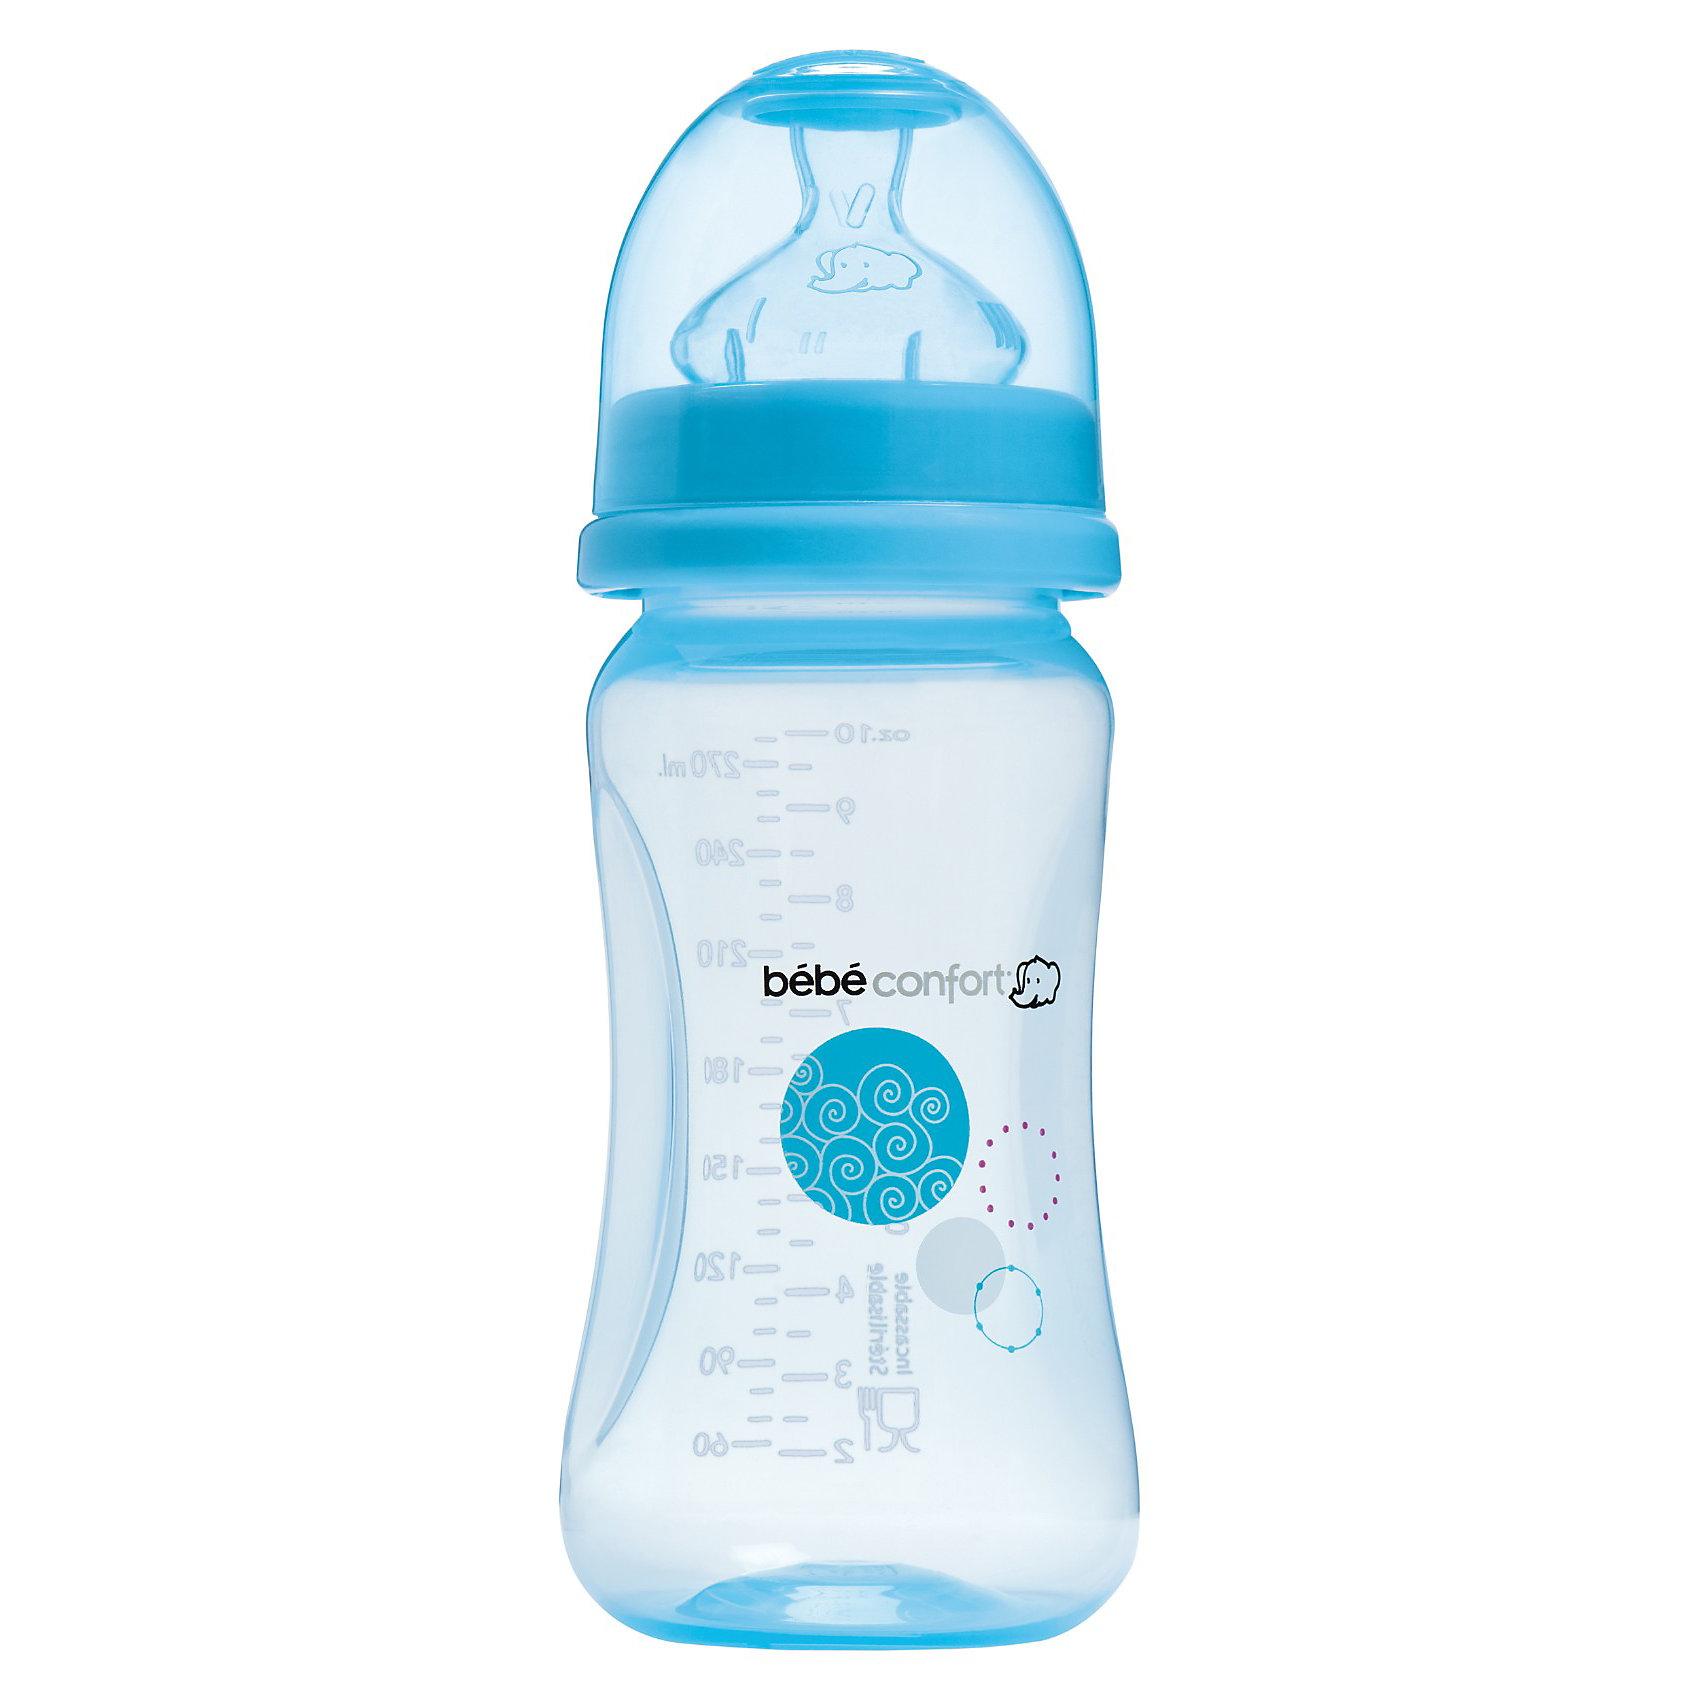 Бутылочка для кормления Maternity, 270 мл, голубаяБутылочки<br>Бутылочка для кормления Maternity, 270 мл, голубая<br>